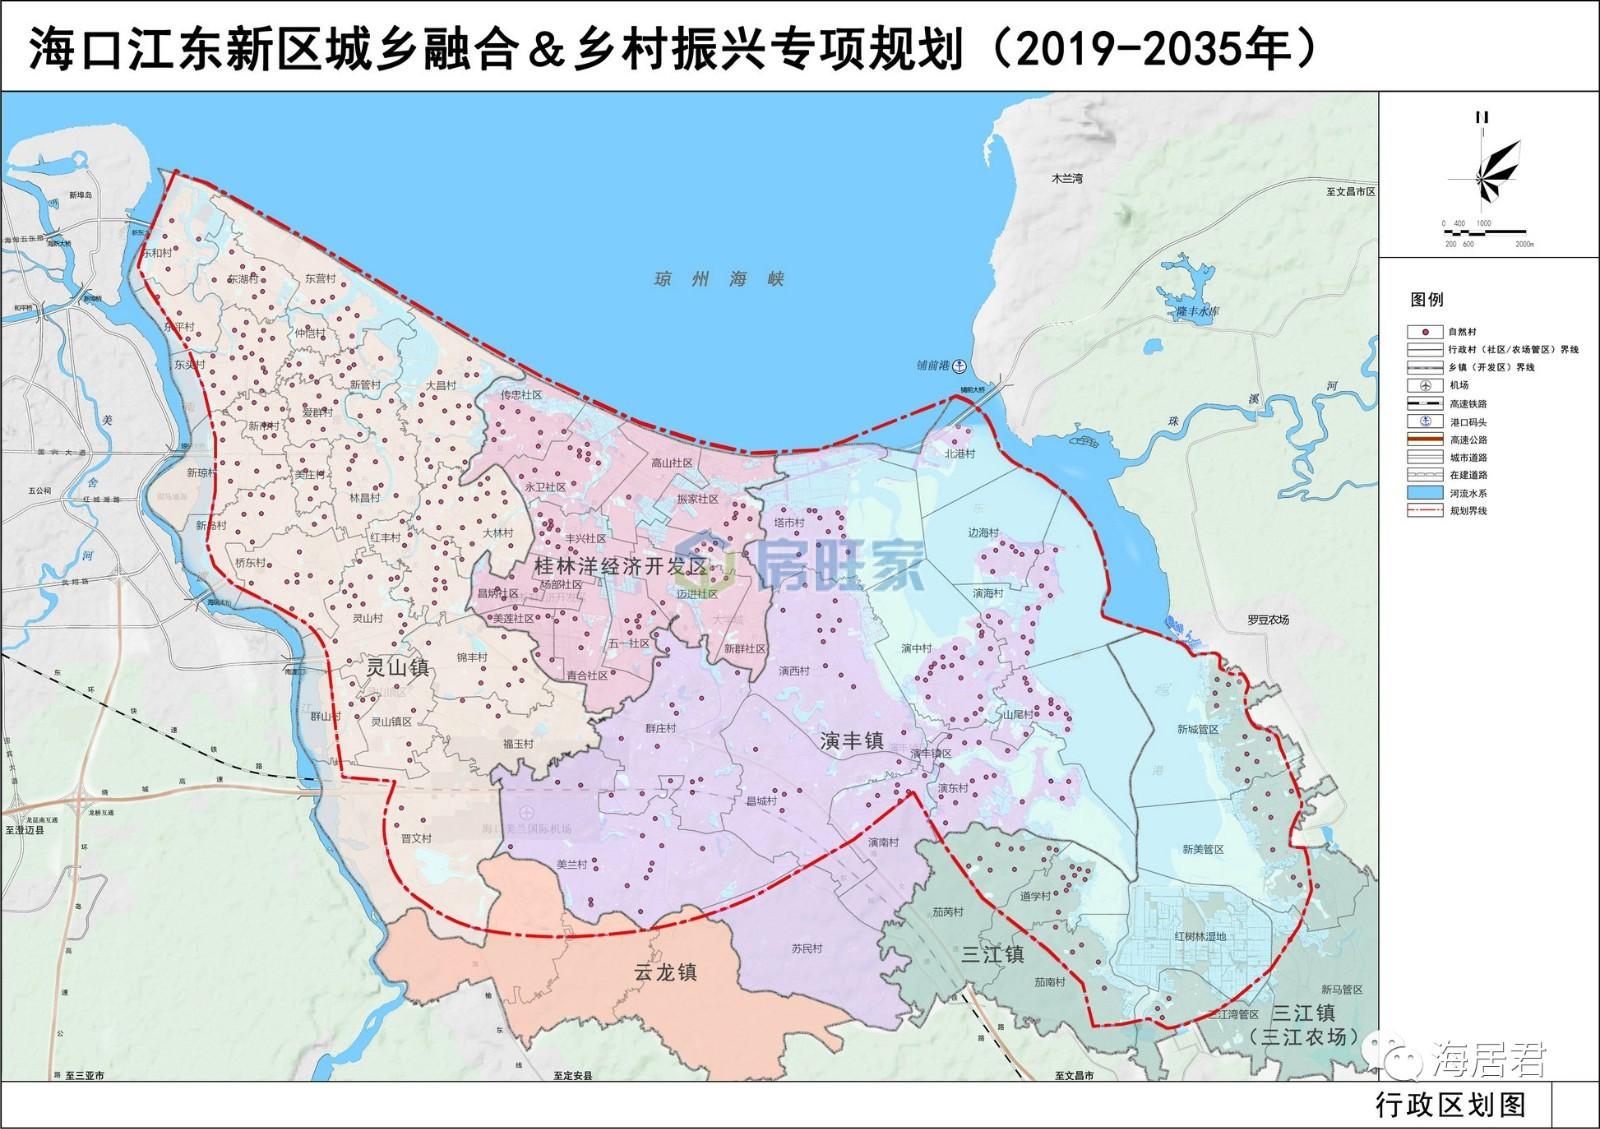 海口江东新区城乡融合&乡村振兴专项规划行政区划图